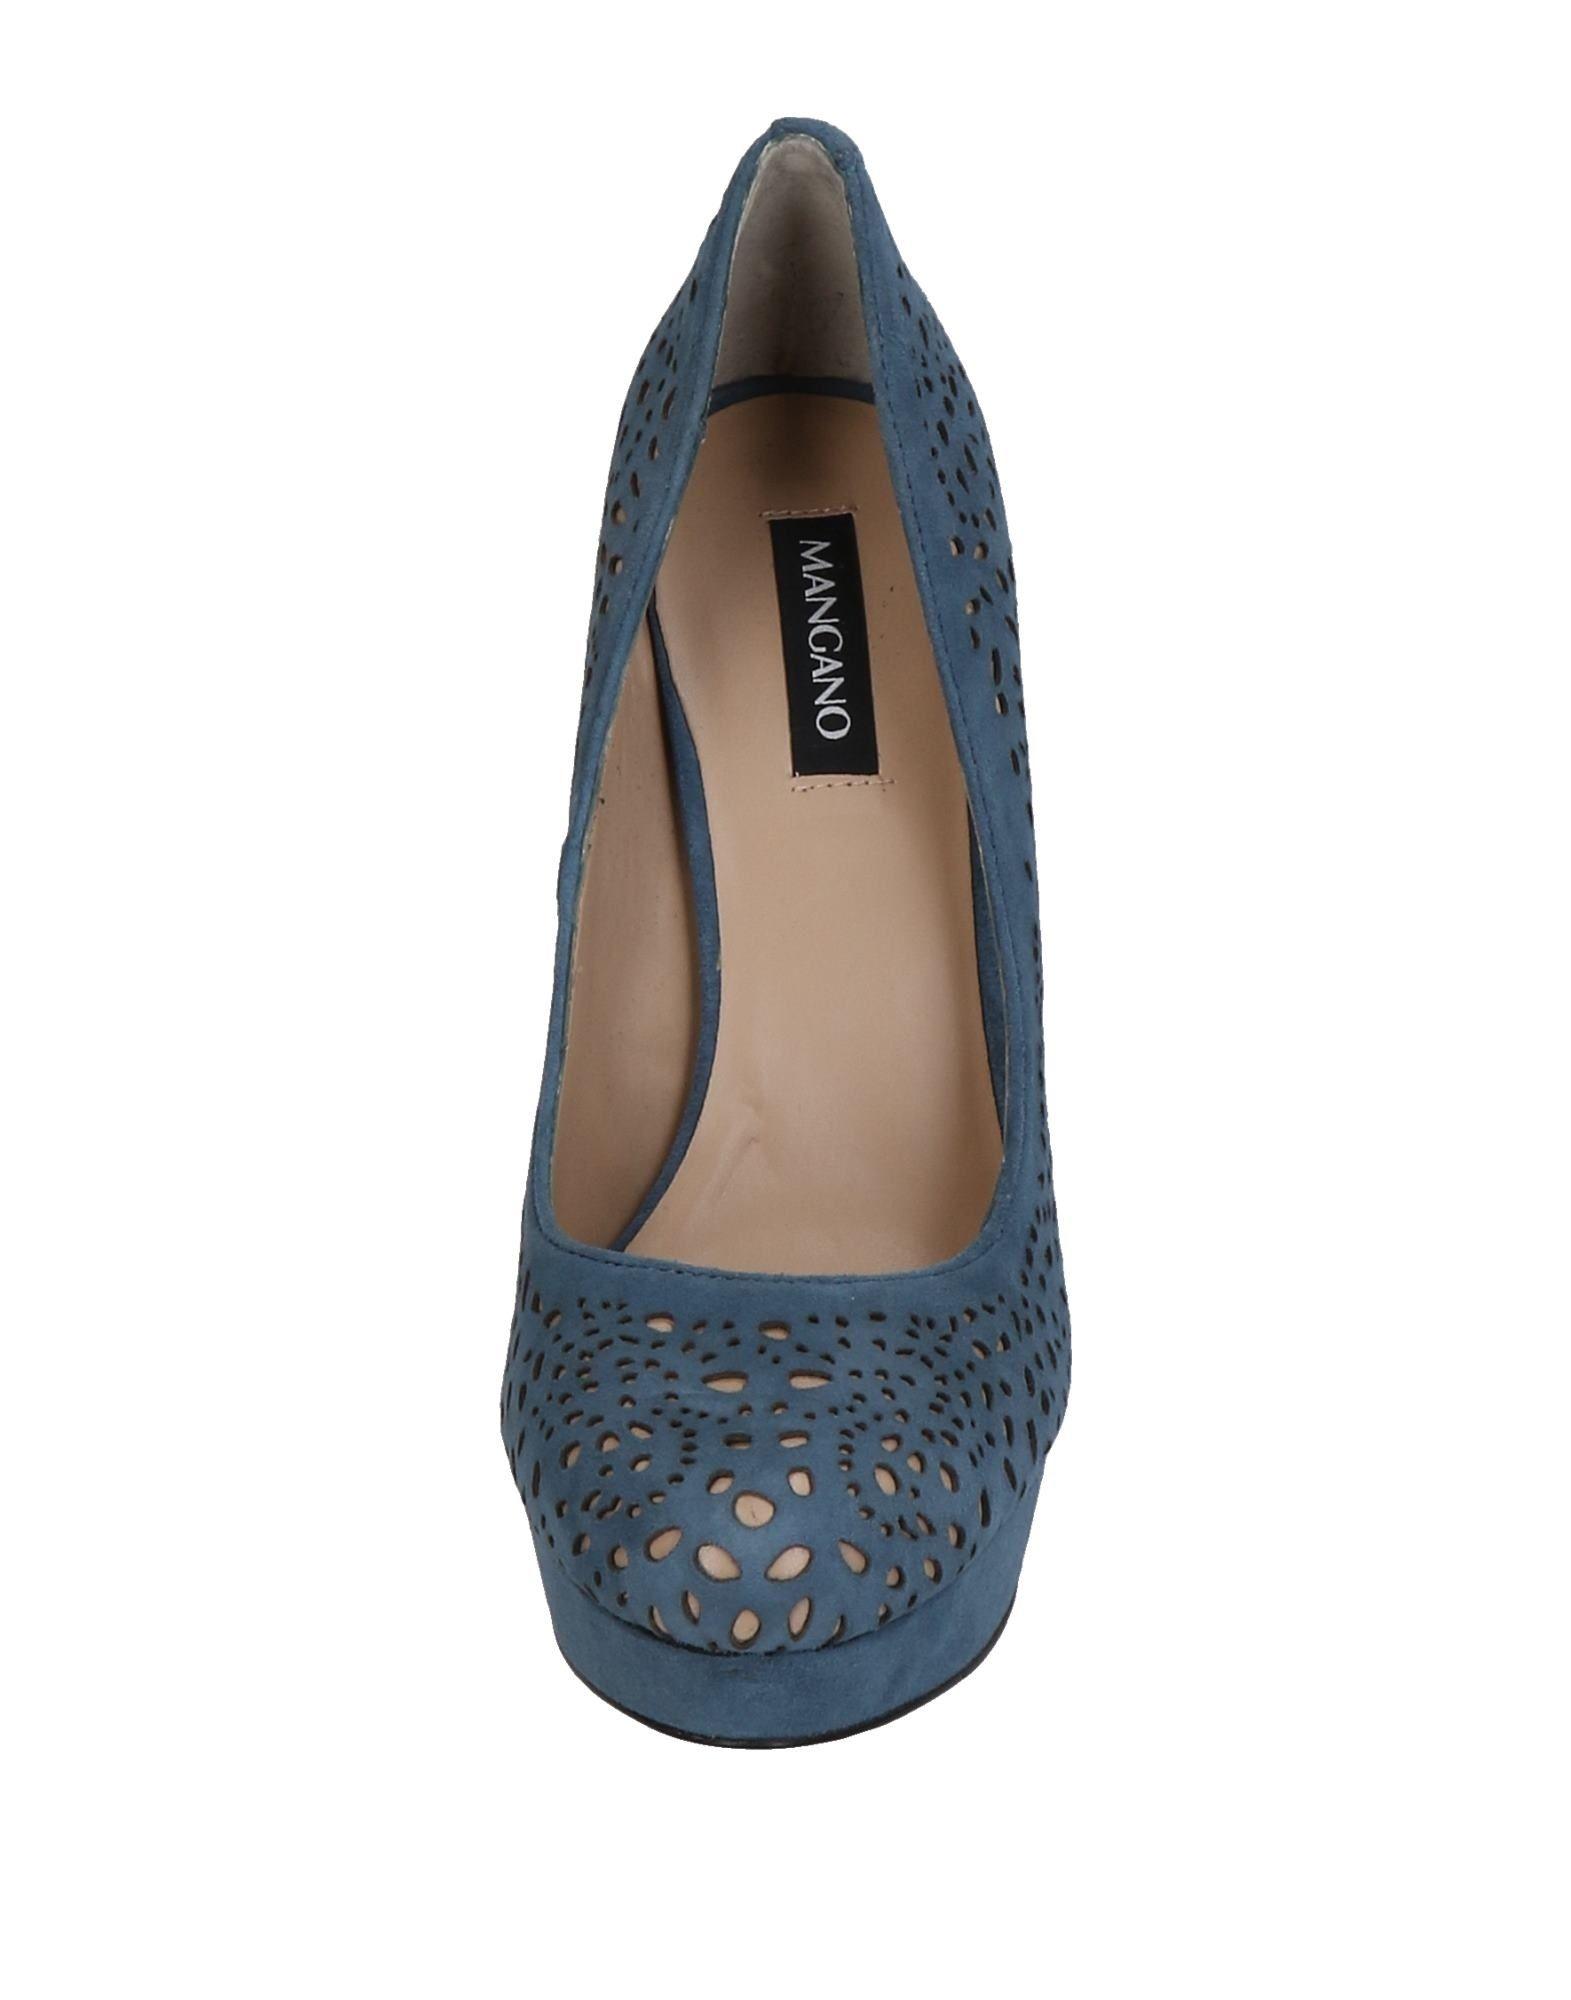 Mangano Pumps Gute Damen  11452429WU Gute Pumps Qualität beliebte Schuhe d9ded8